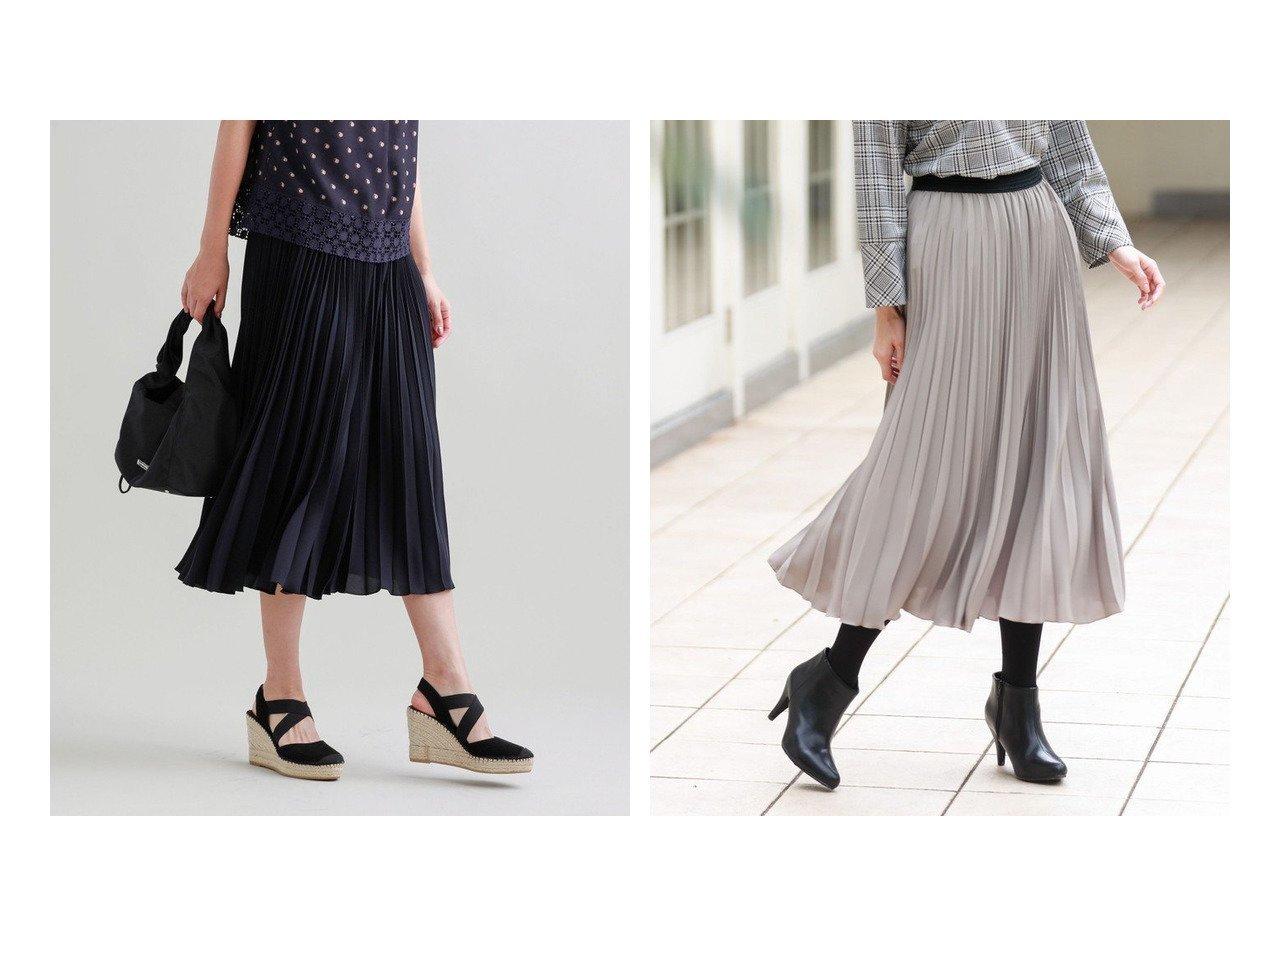 【TRANS WORK/トランスワーク】の【UV対策】【ウォッシャブル】オフショアベネスカート スカートのおすすめ!人気、トレンド・レディースファッションの通販 おすすめで人気の流行・トレンド、ファッションの通販商品 メンズファッション・キッズファッション・インテリア・家具・レディースファッション・服の通販 founy(ファニー) https://founy.com/ ファッション Fashion レディースファッション WOMEN スカート Skirt Aライン/フレアスカート Flared A-Line Skirts NEW・新作・新着・新入荷 New Arrivals ウォッシャブル プリーツ  ID:crp329100000023295